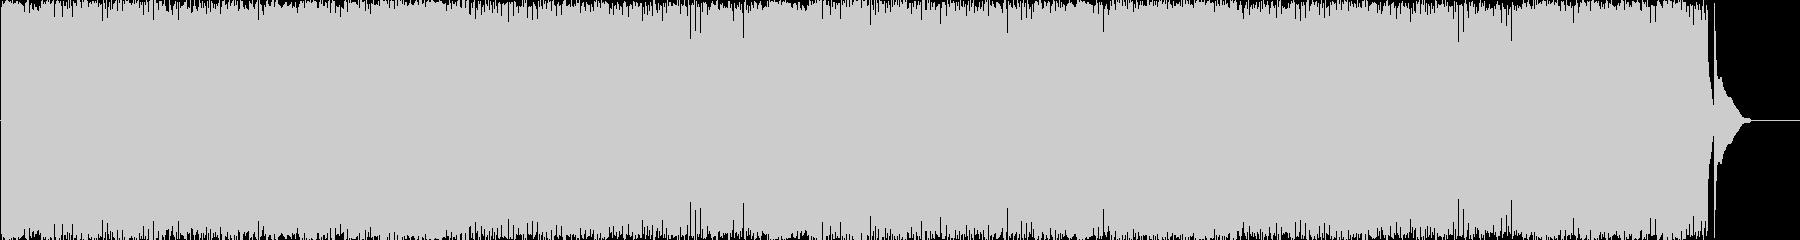 ムーディな三味線とジャジーなピアノの曲の未再生の波形